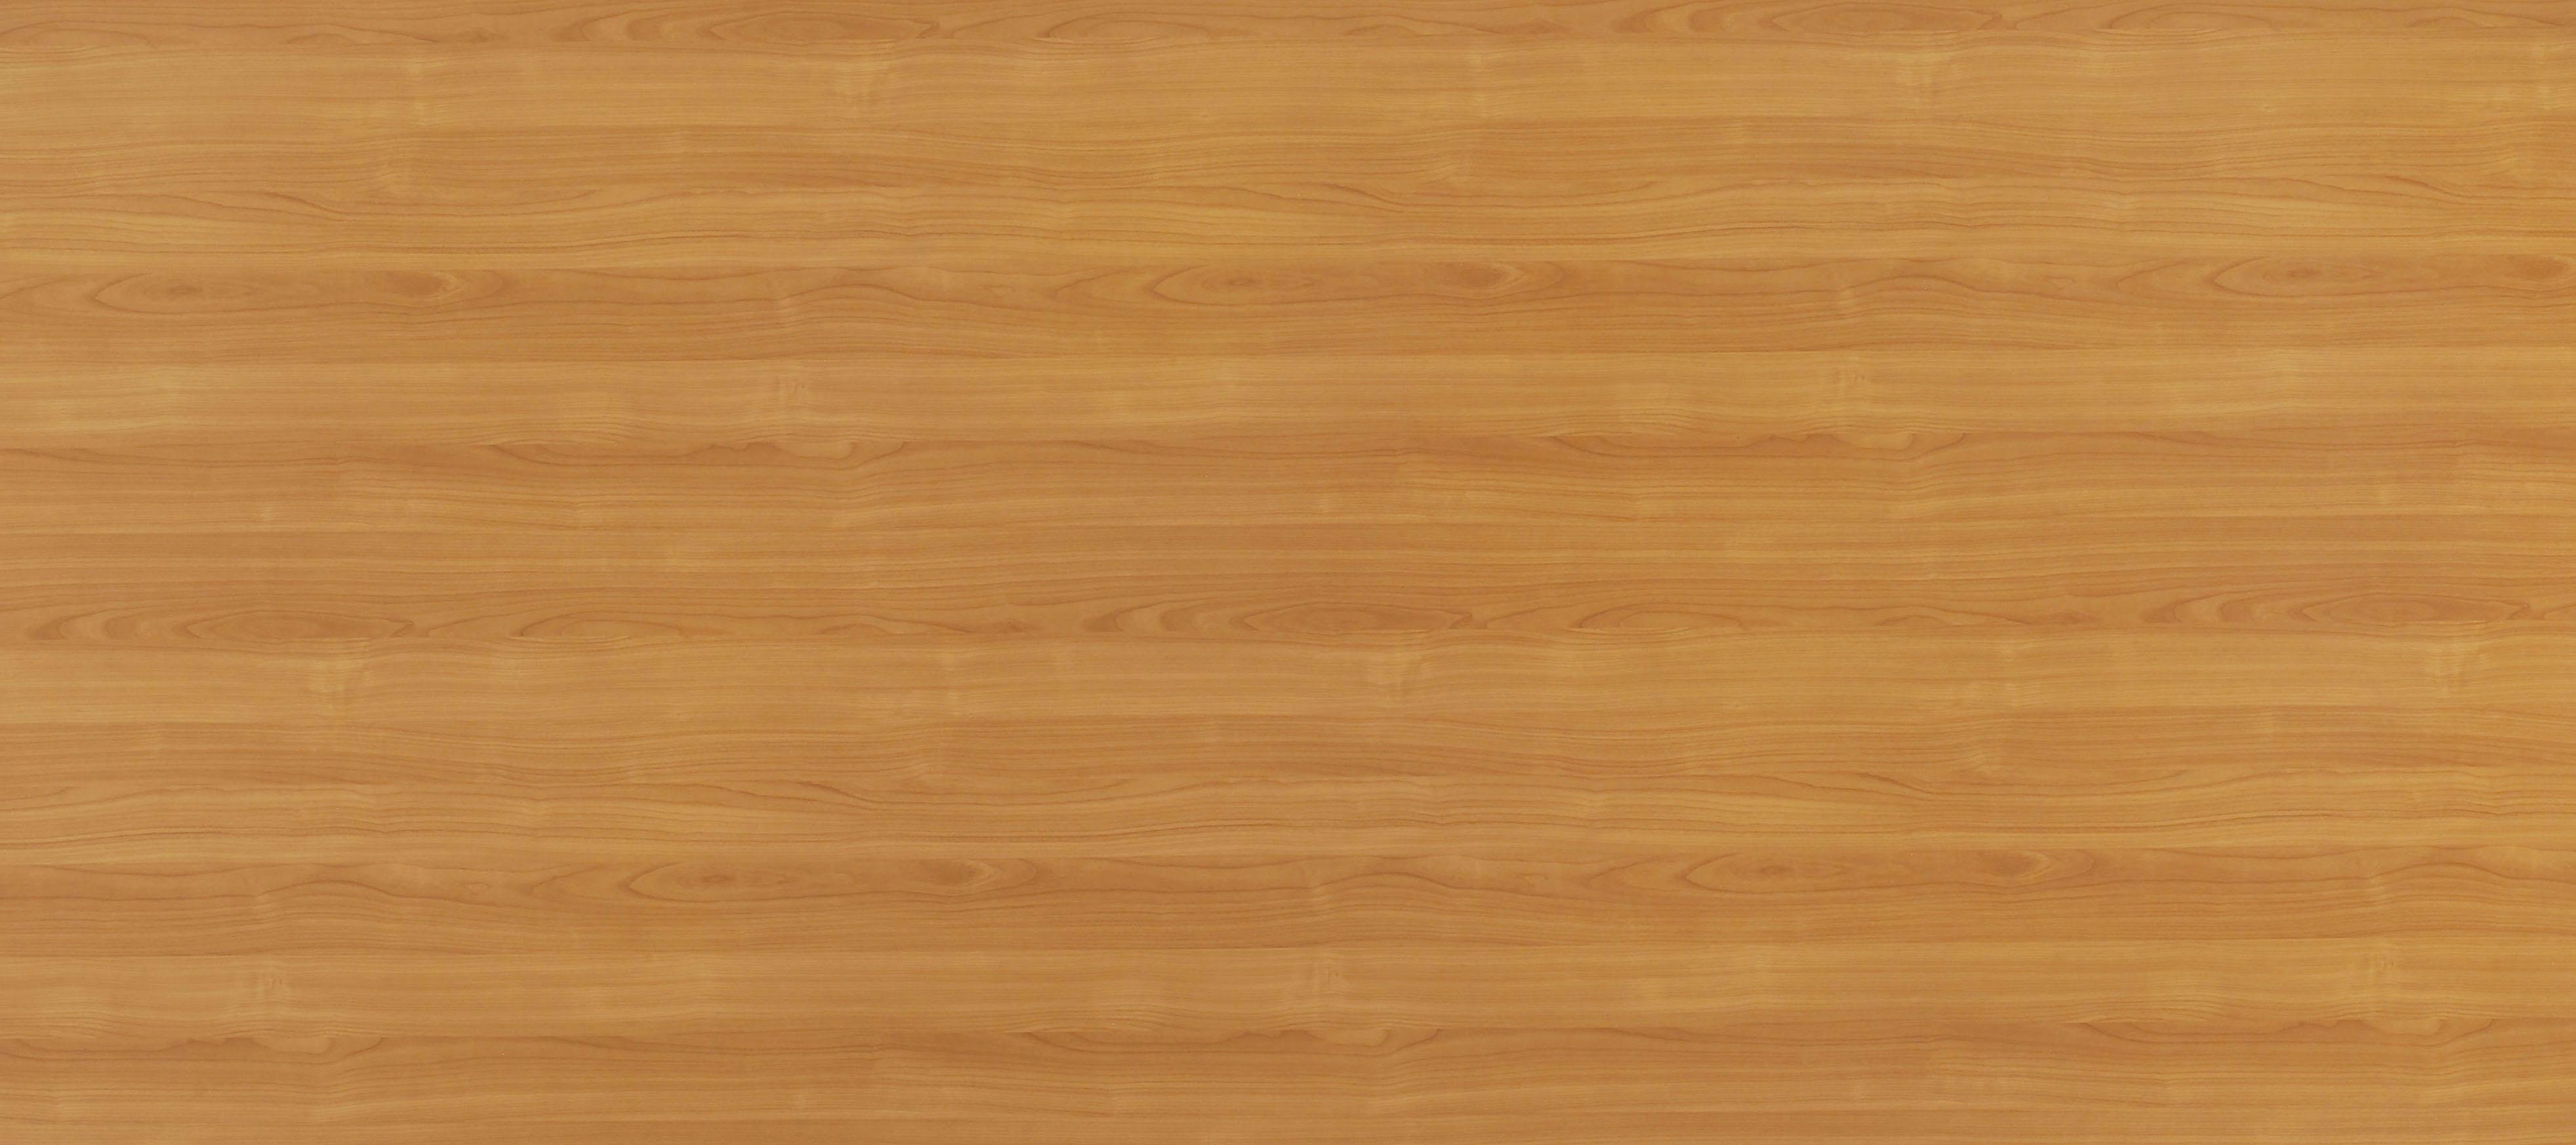 Texture cn arredamento design for Legno chiaro texture